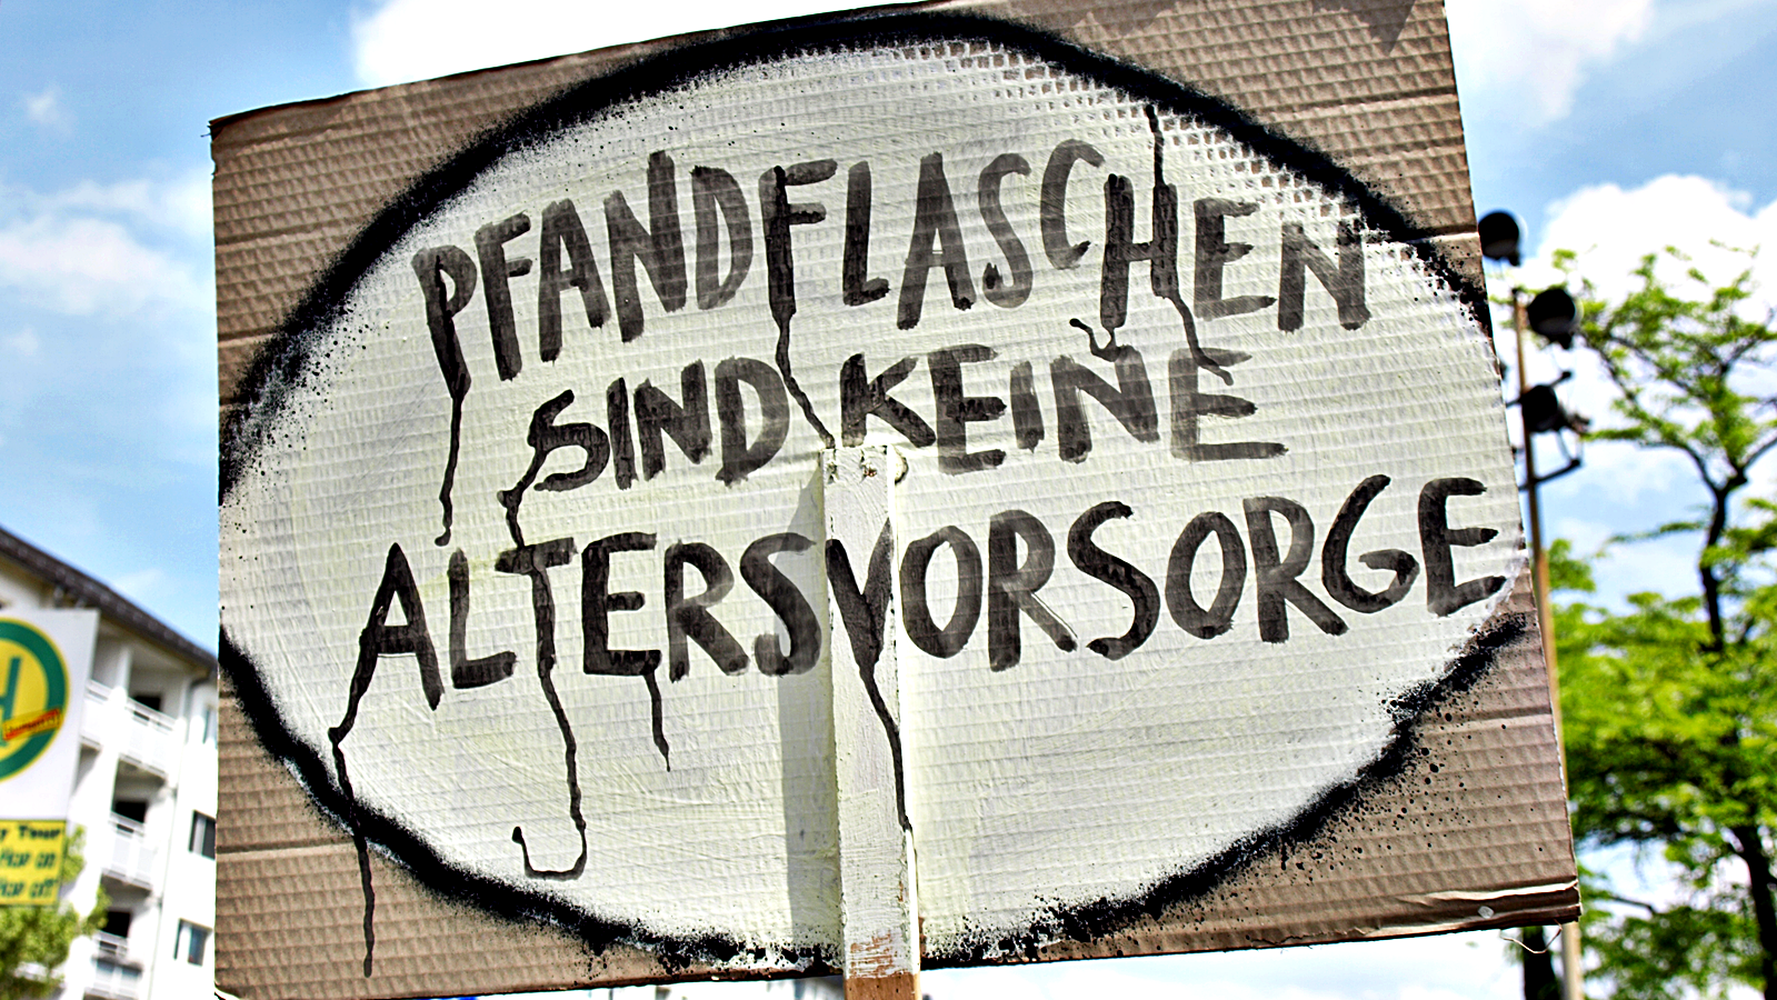 Rente U2013 Gemeinsam Sind Wir Stark - Gemeinsam Sind Wir Stark, Transparent background PNG HD thumbnail